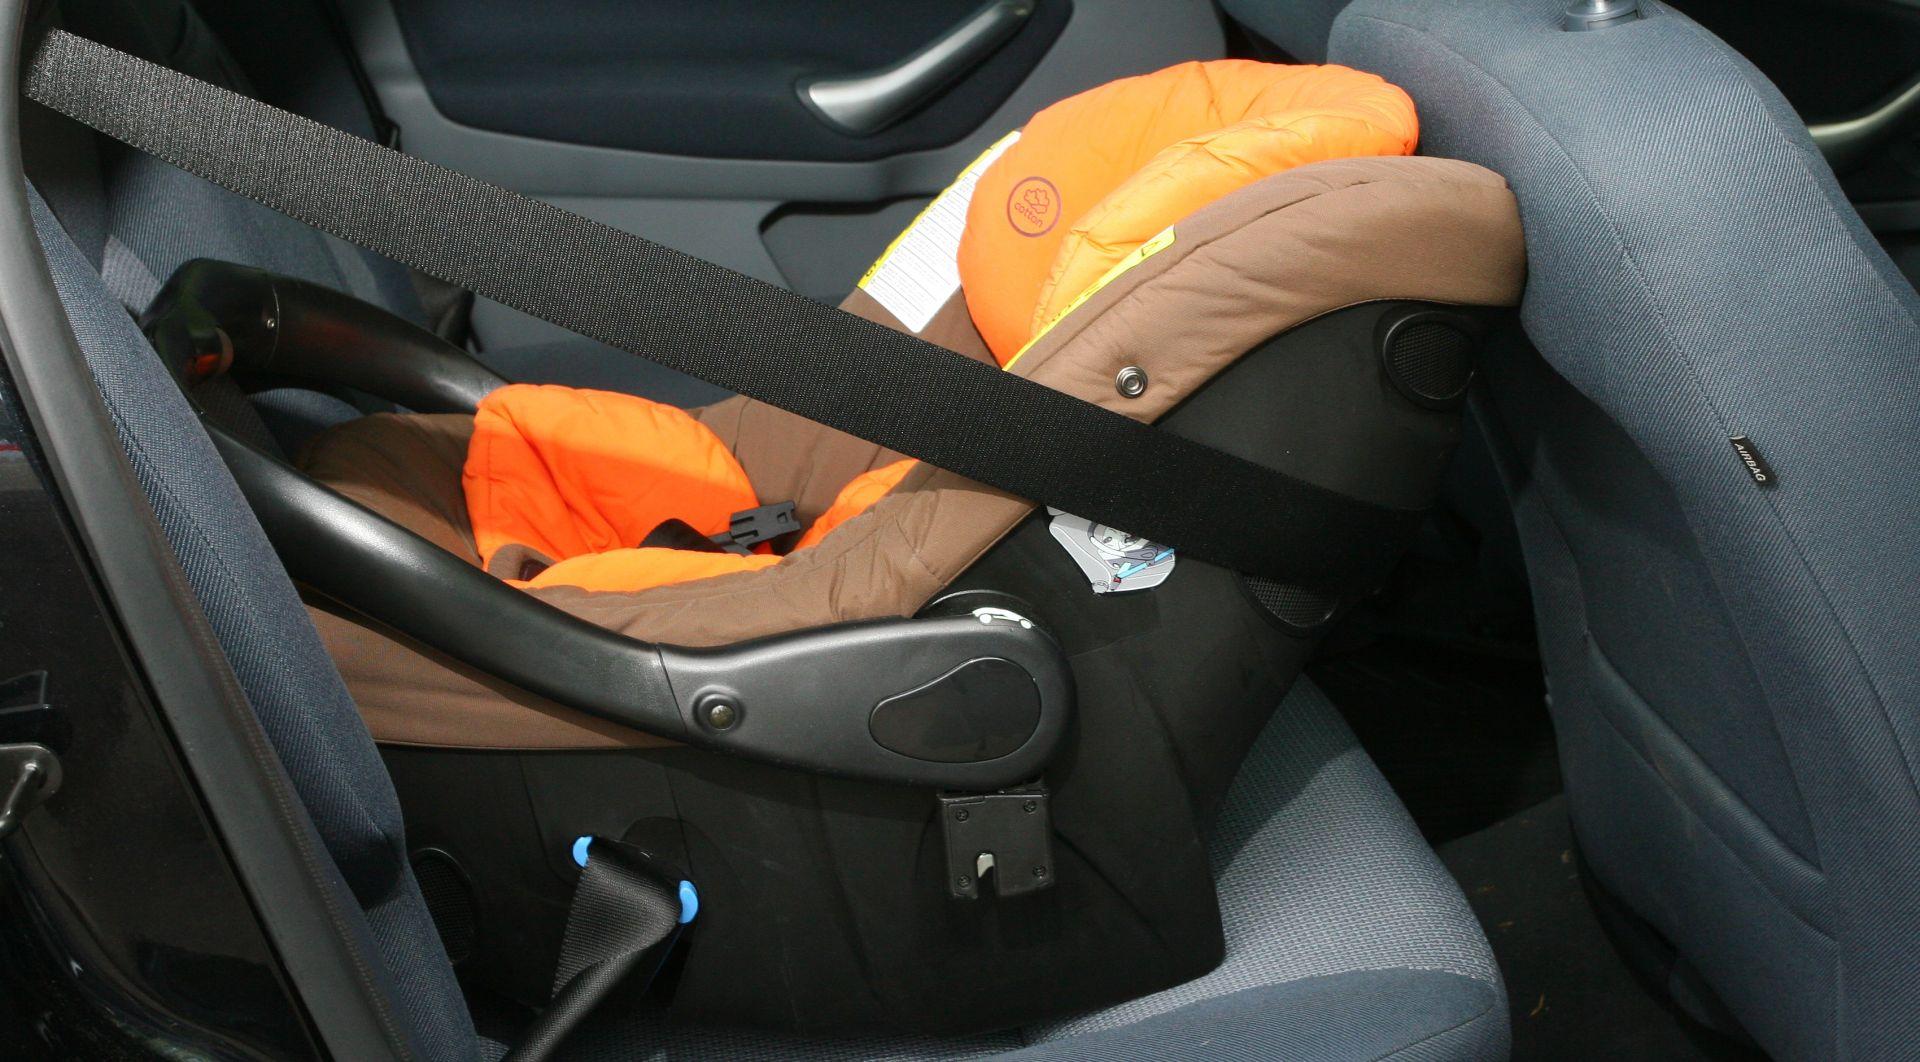 ZAGREBAČKA POLICIJA Pojačan nadzor korištenja sigurnosnih pojasa i dječjih sjedalica u vozilima